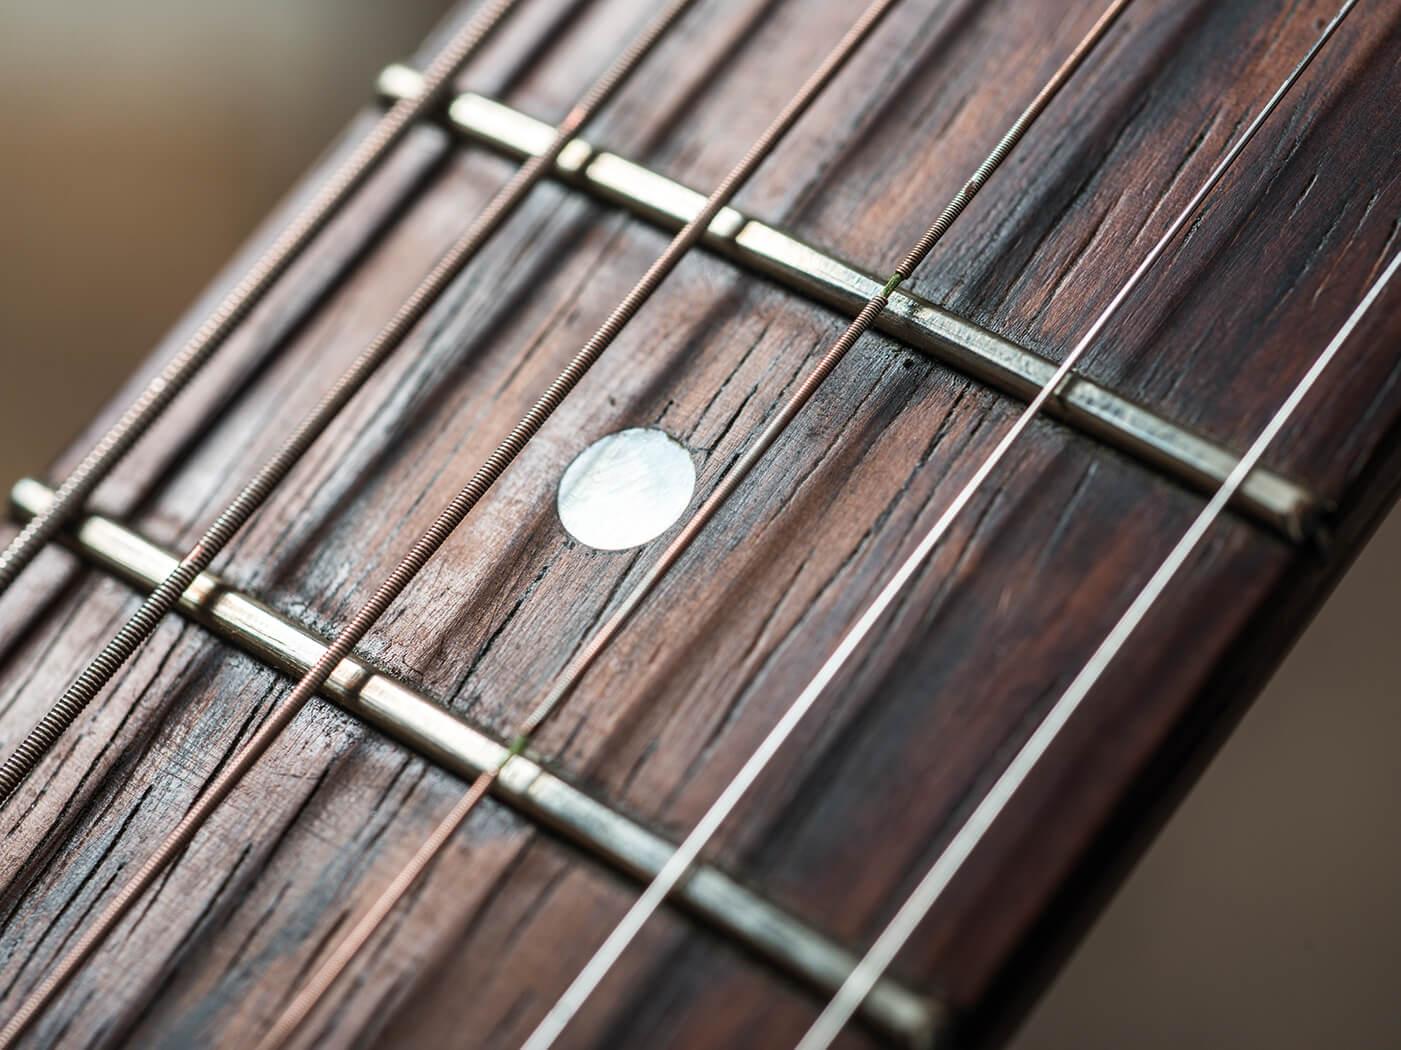 Kalamazoo KG-14 fingerboard inlay